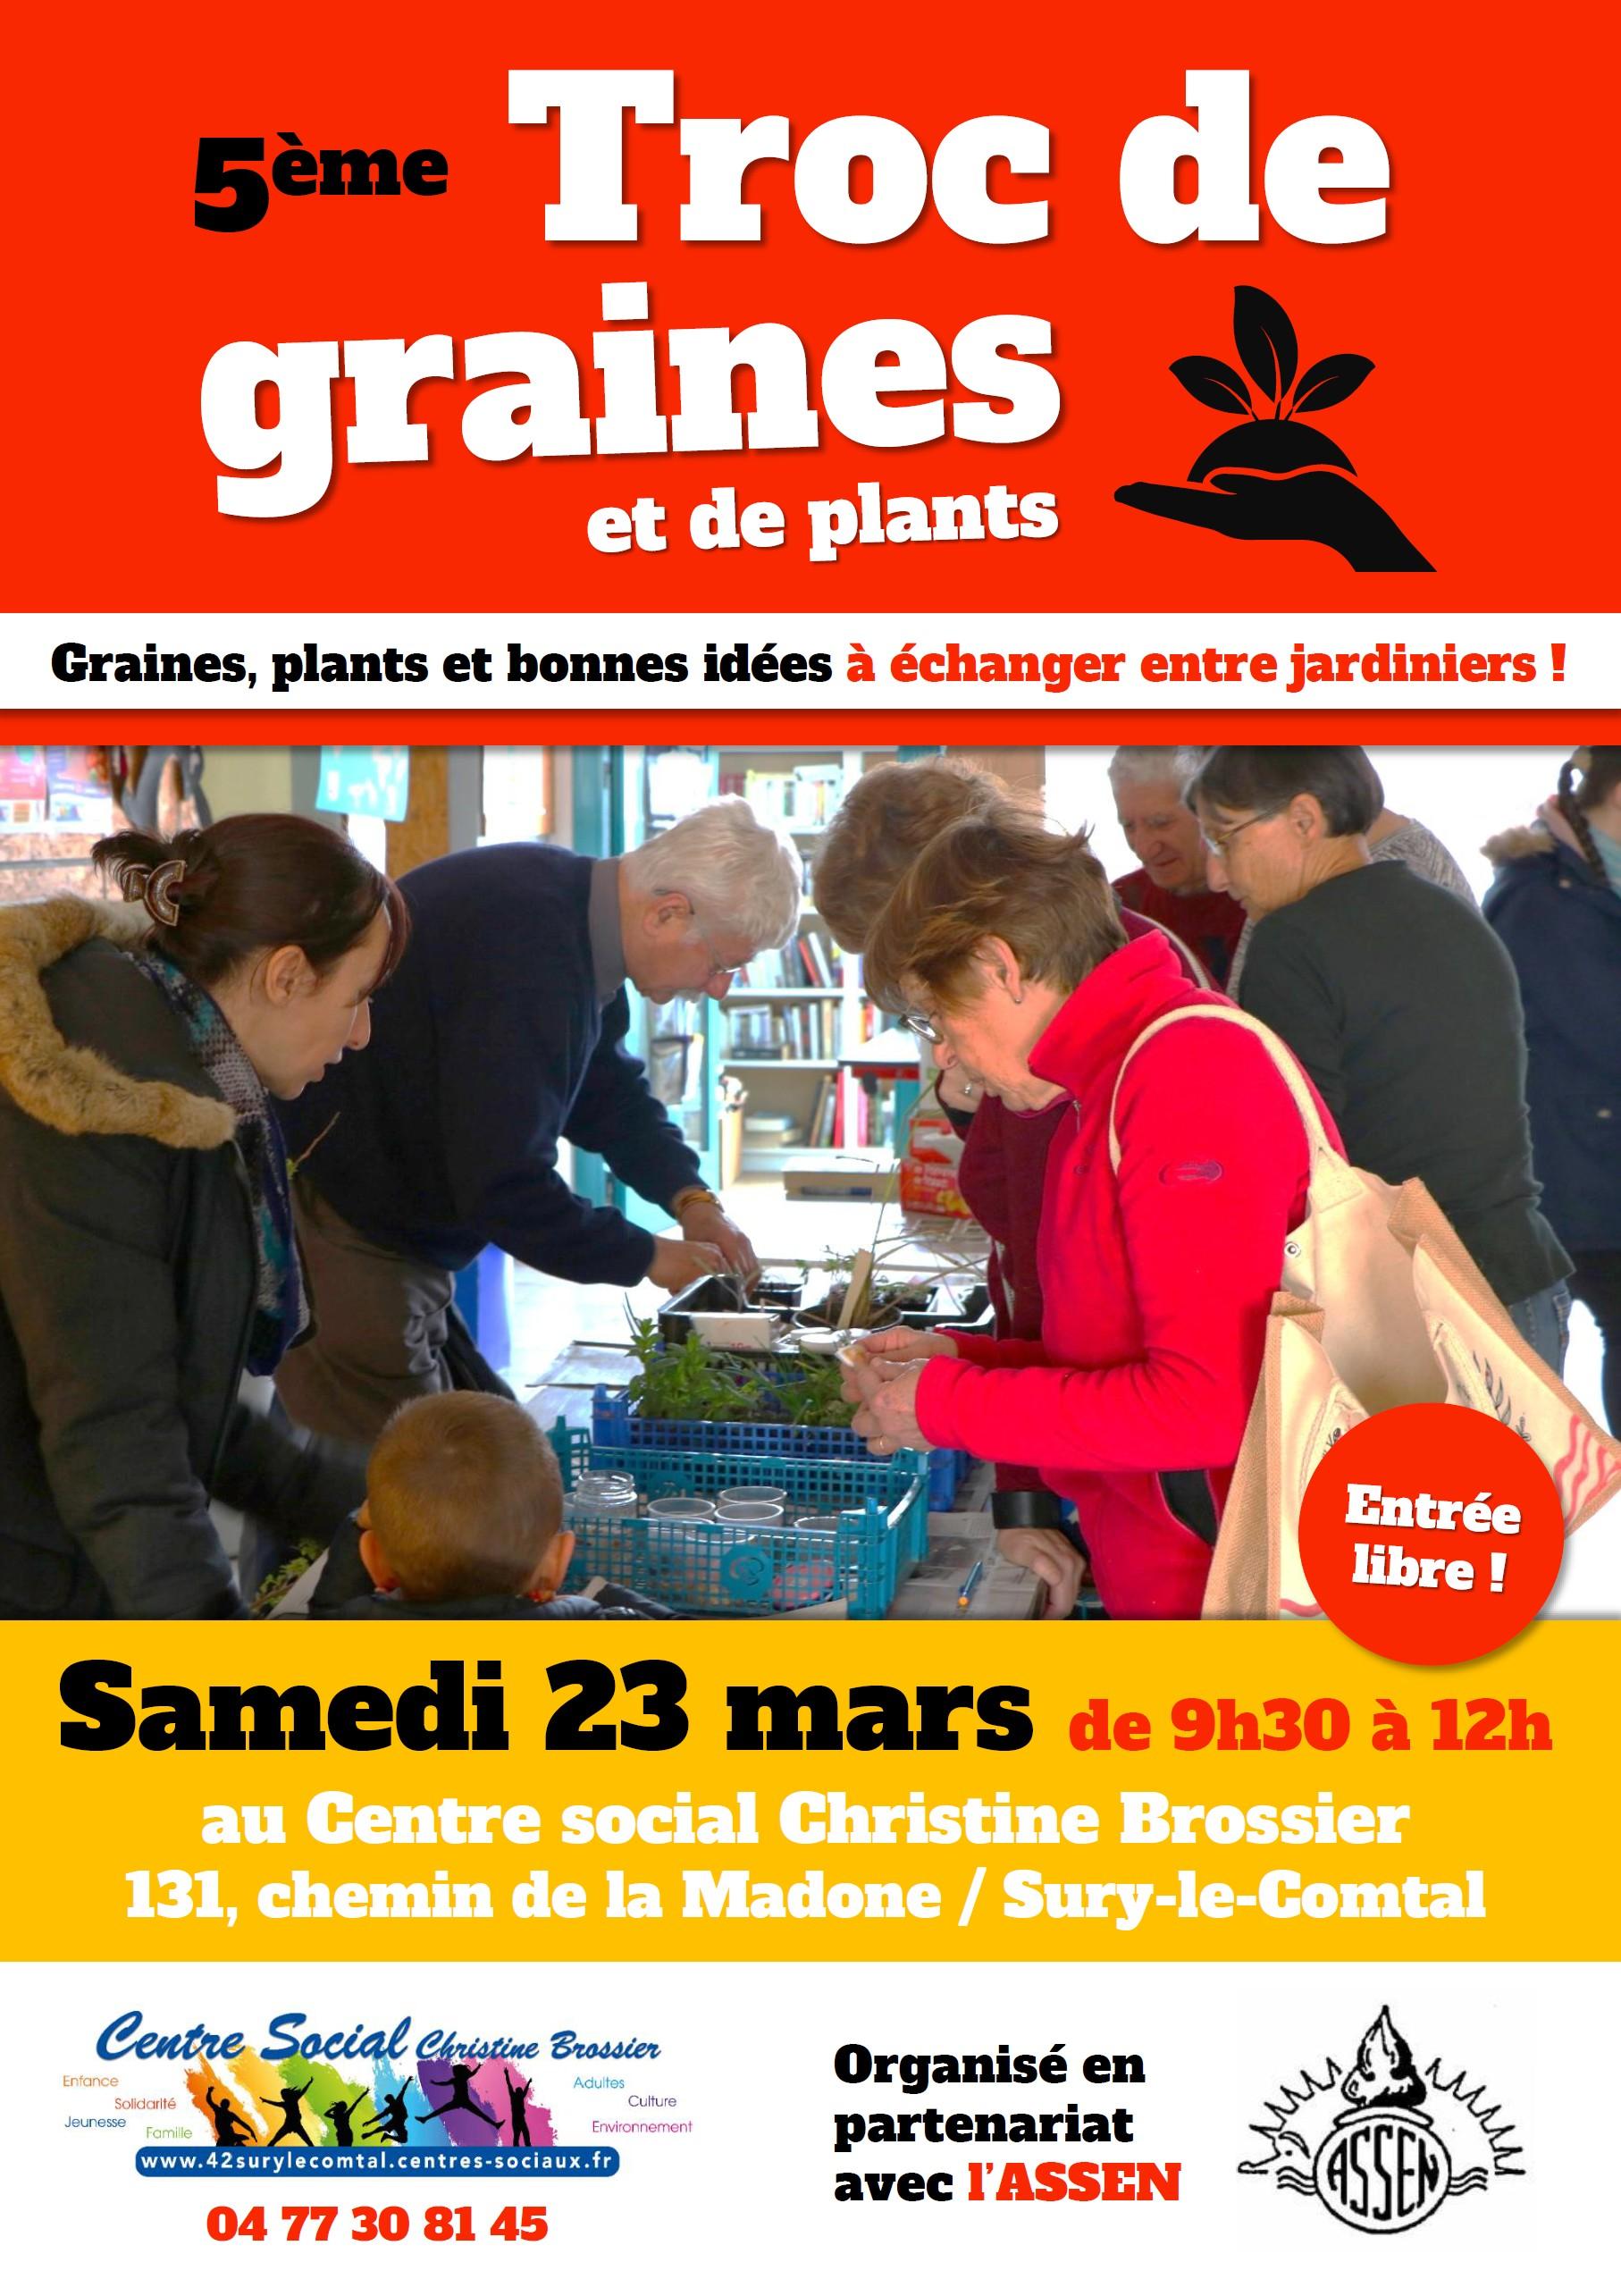 VISUEL-TROC-DE-GRAINES